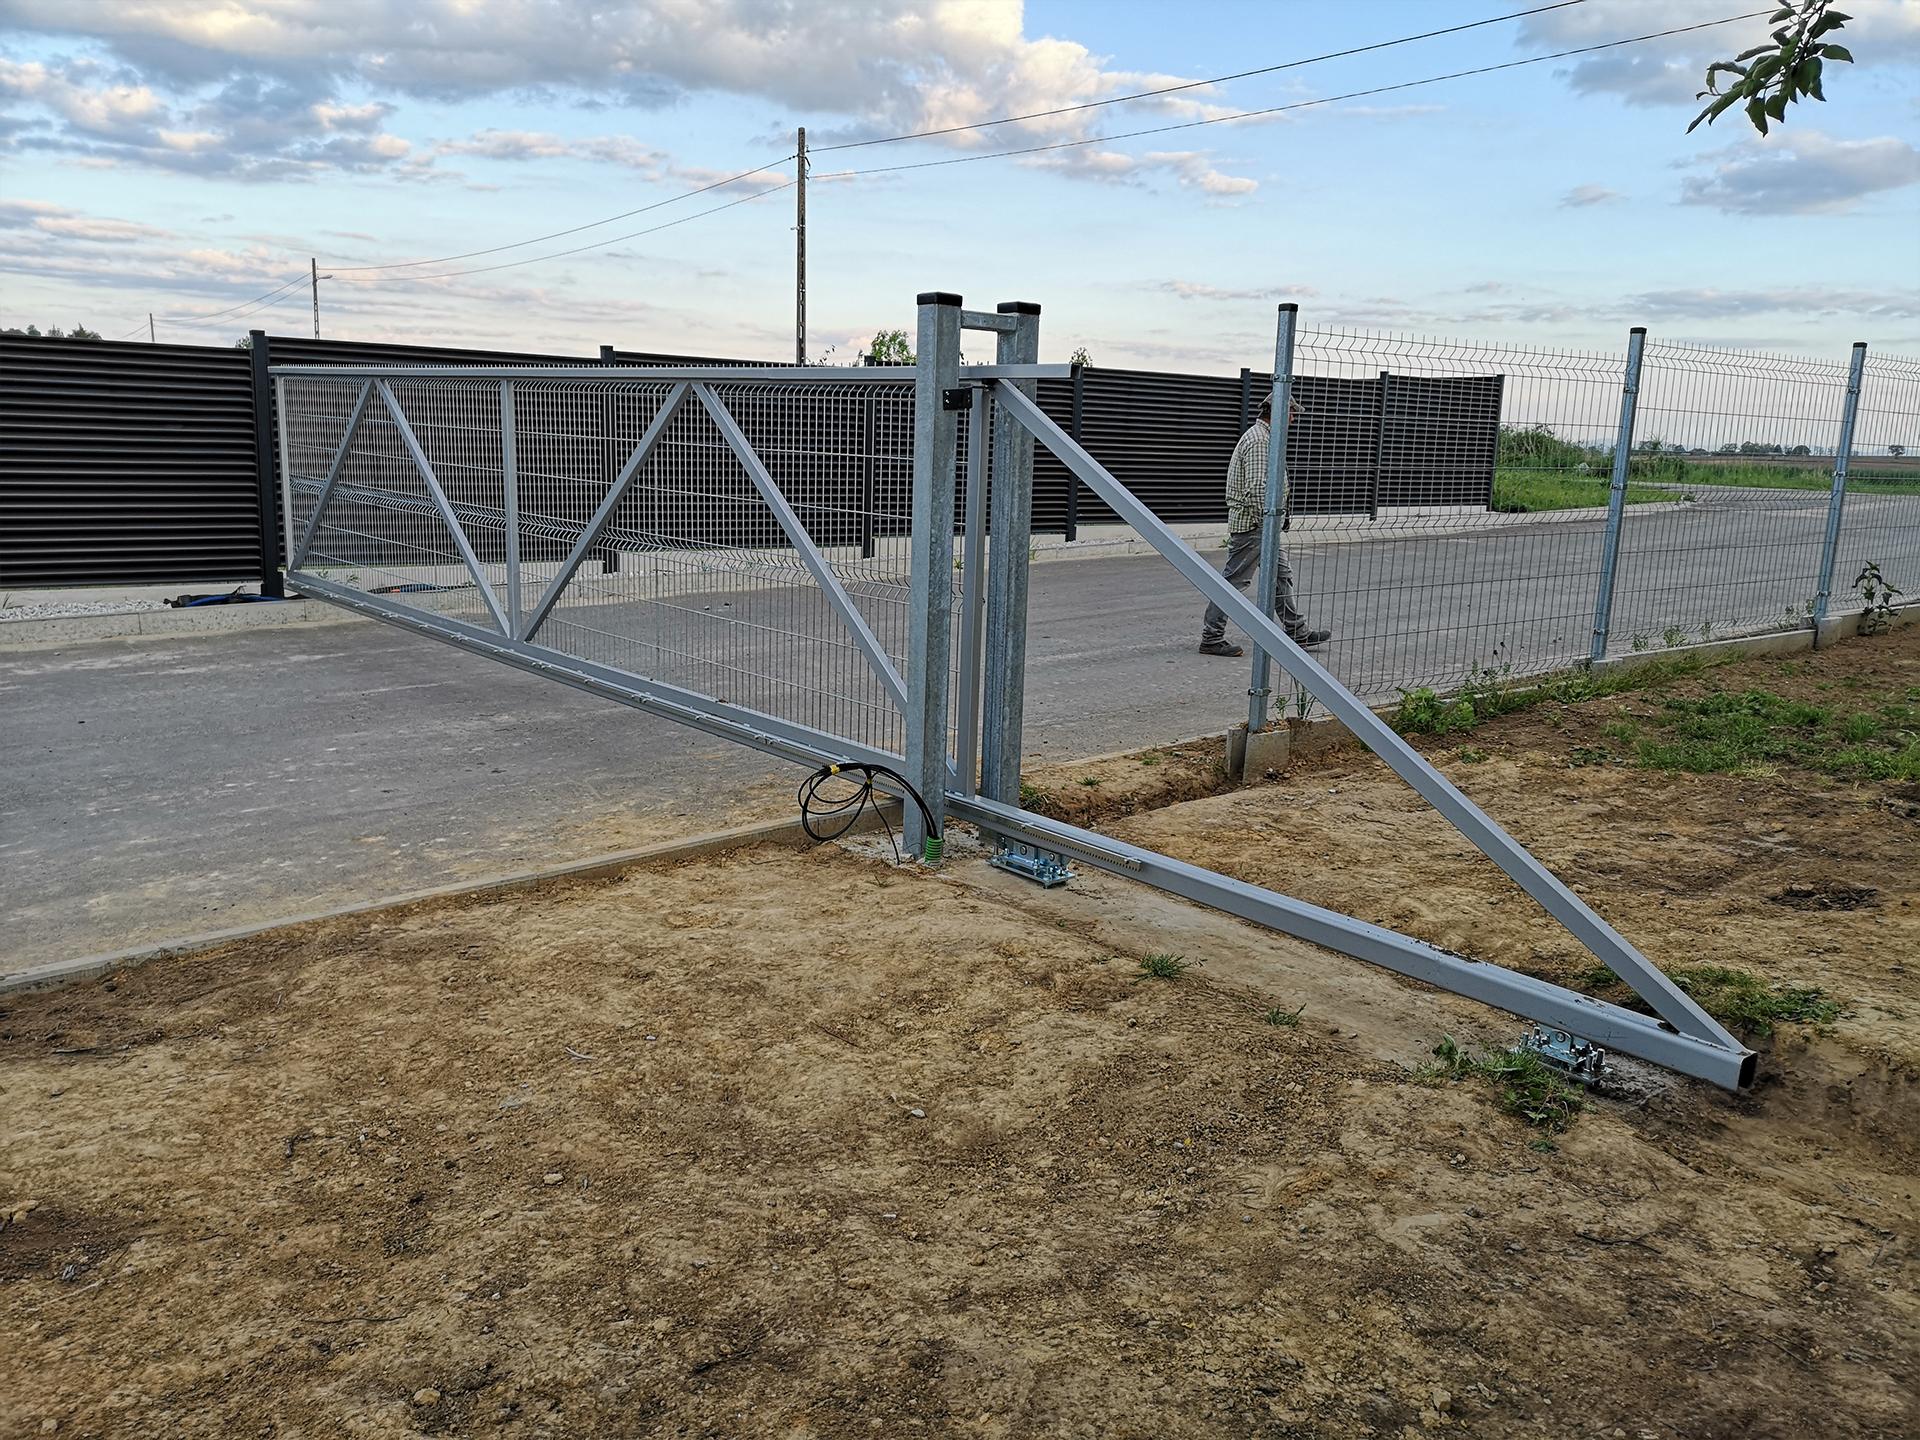 brama przesuwana przykrecany panel